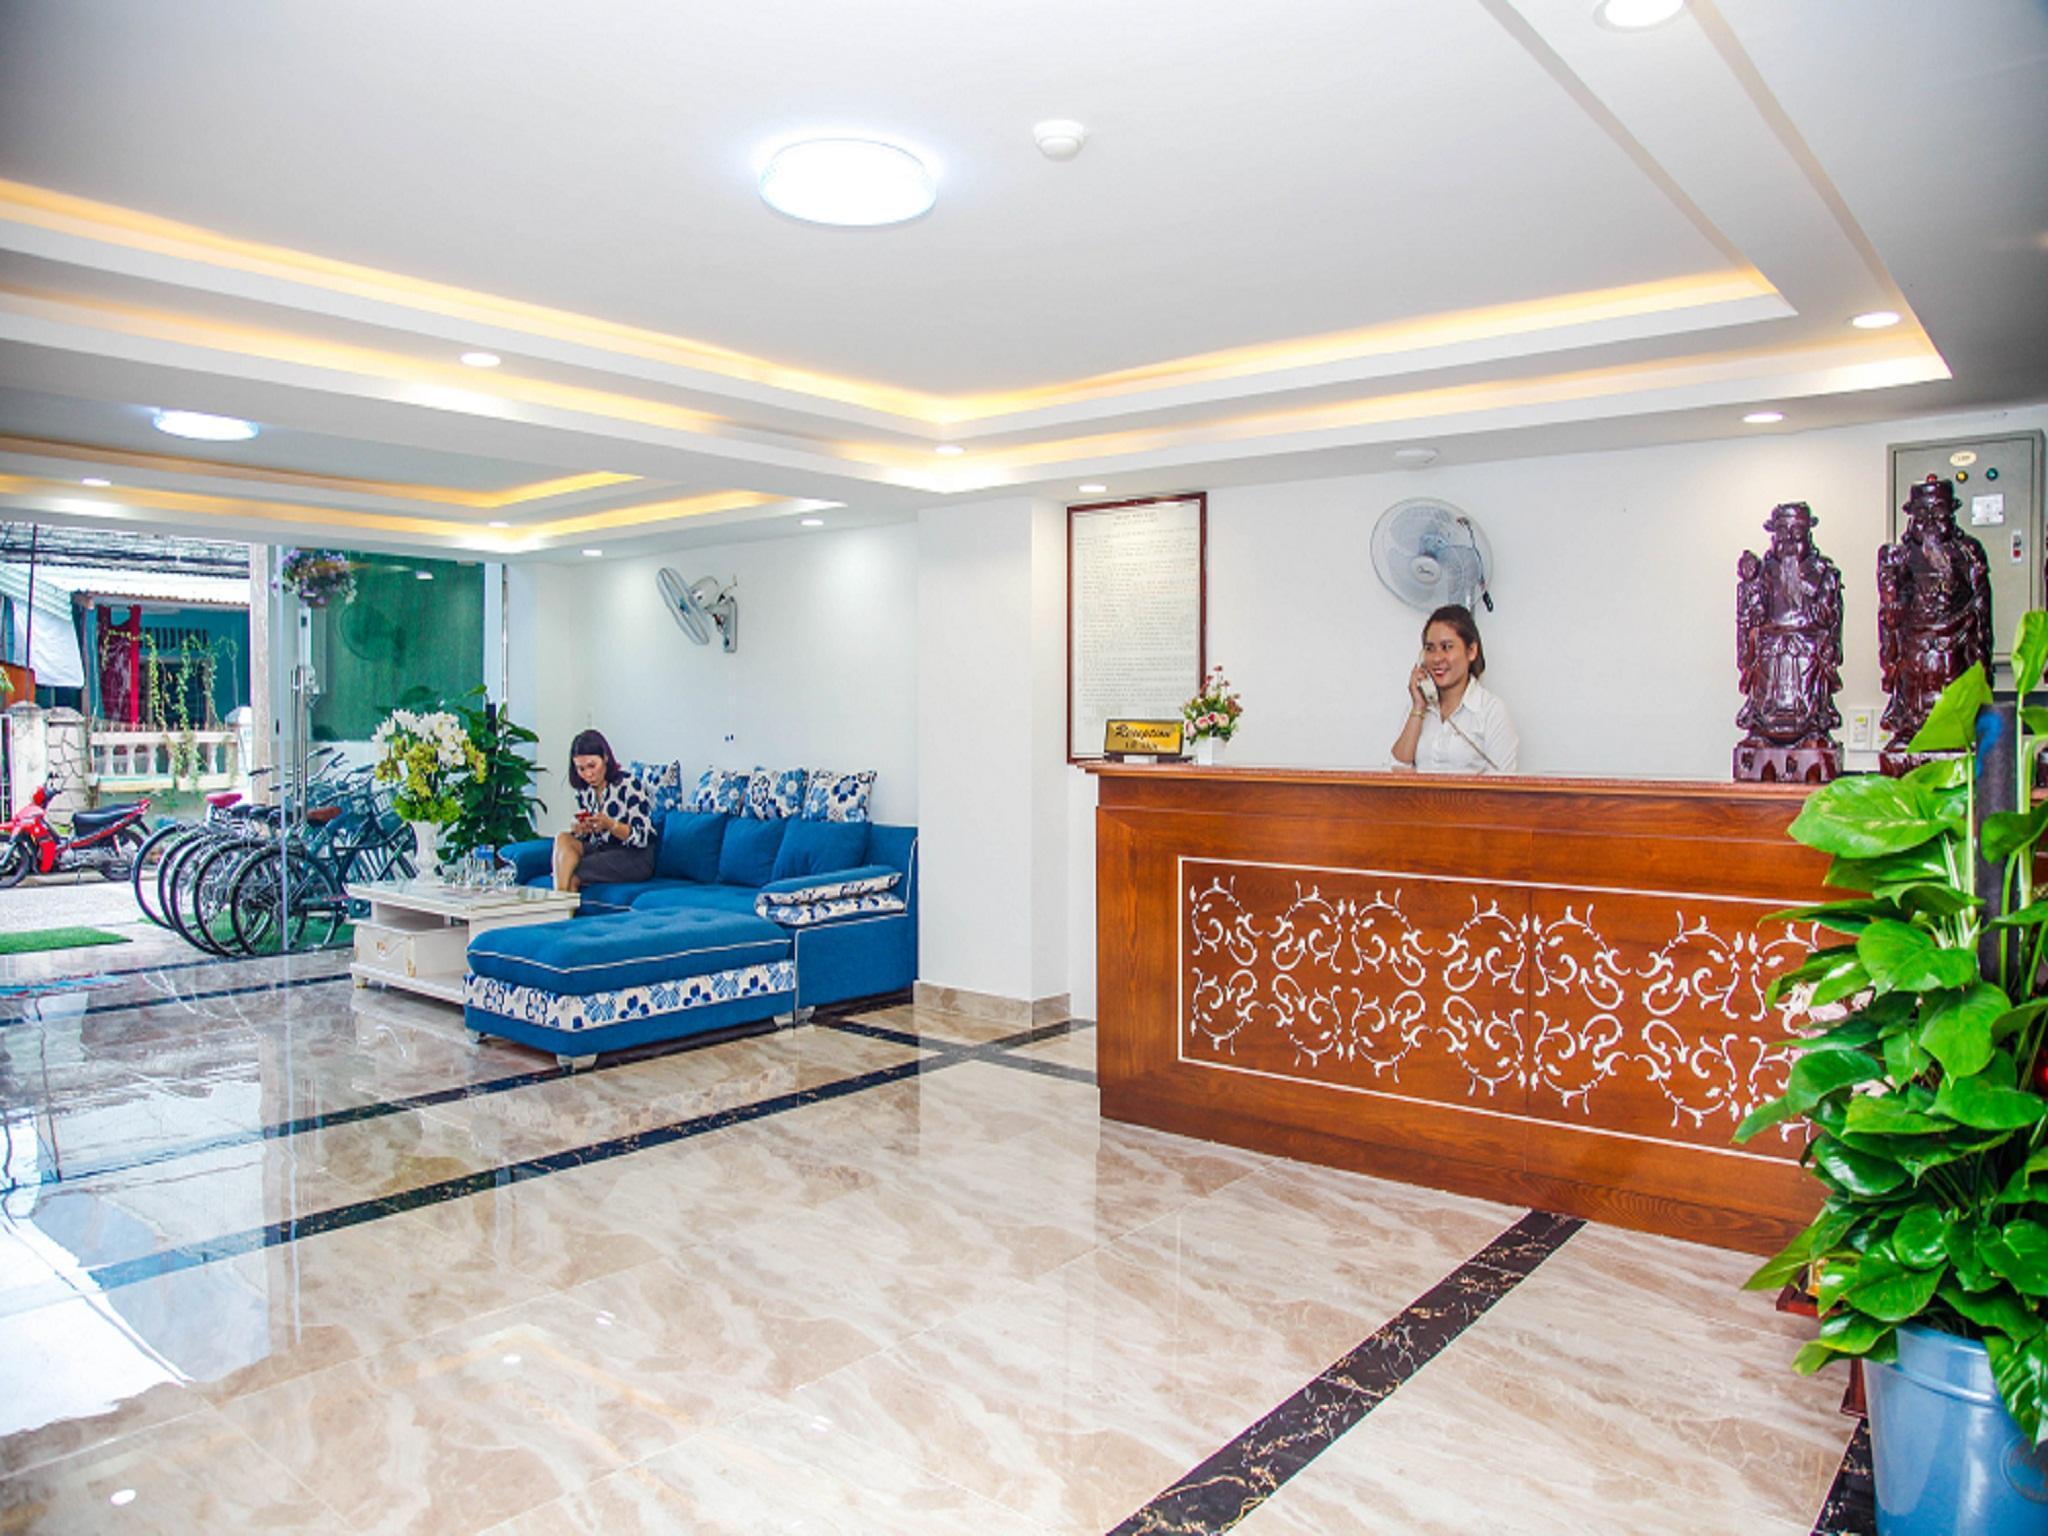 Bin Star Hotel Danang